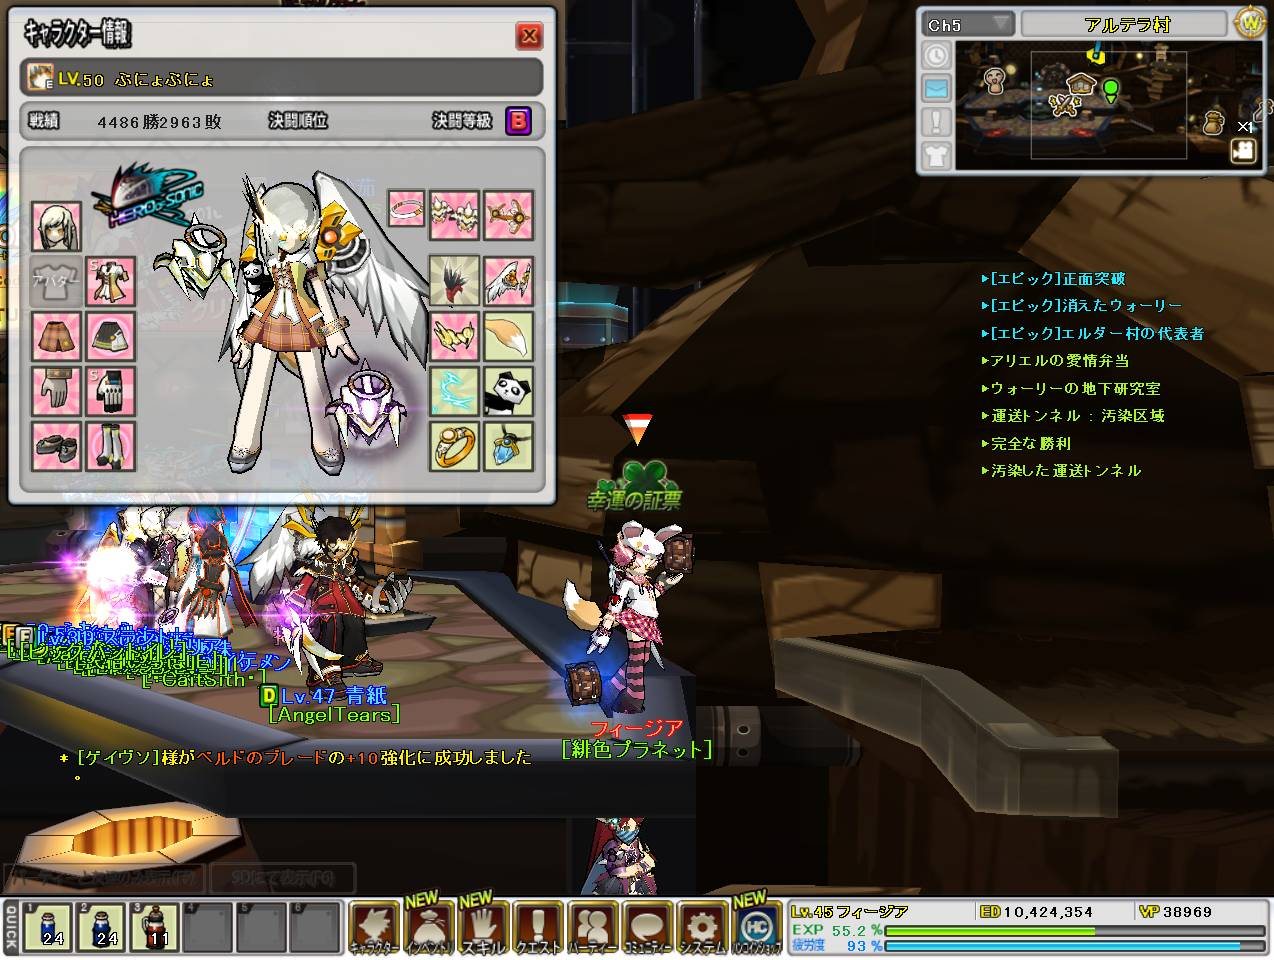 SC_2010_12_17_16_55_1_.jpg